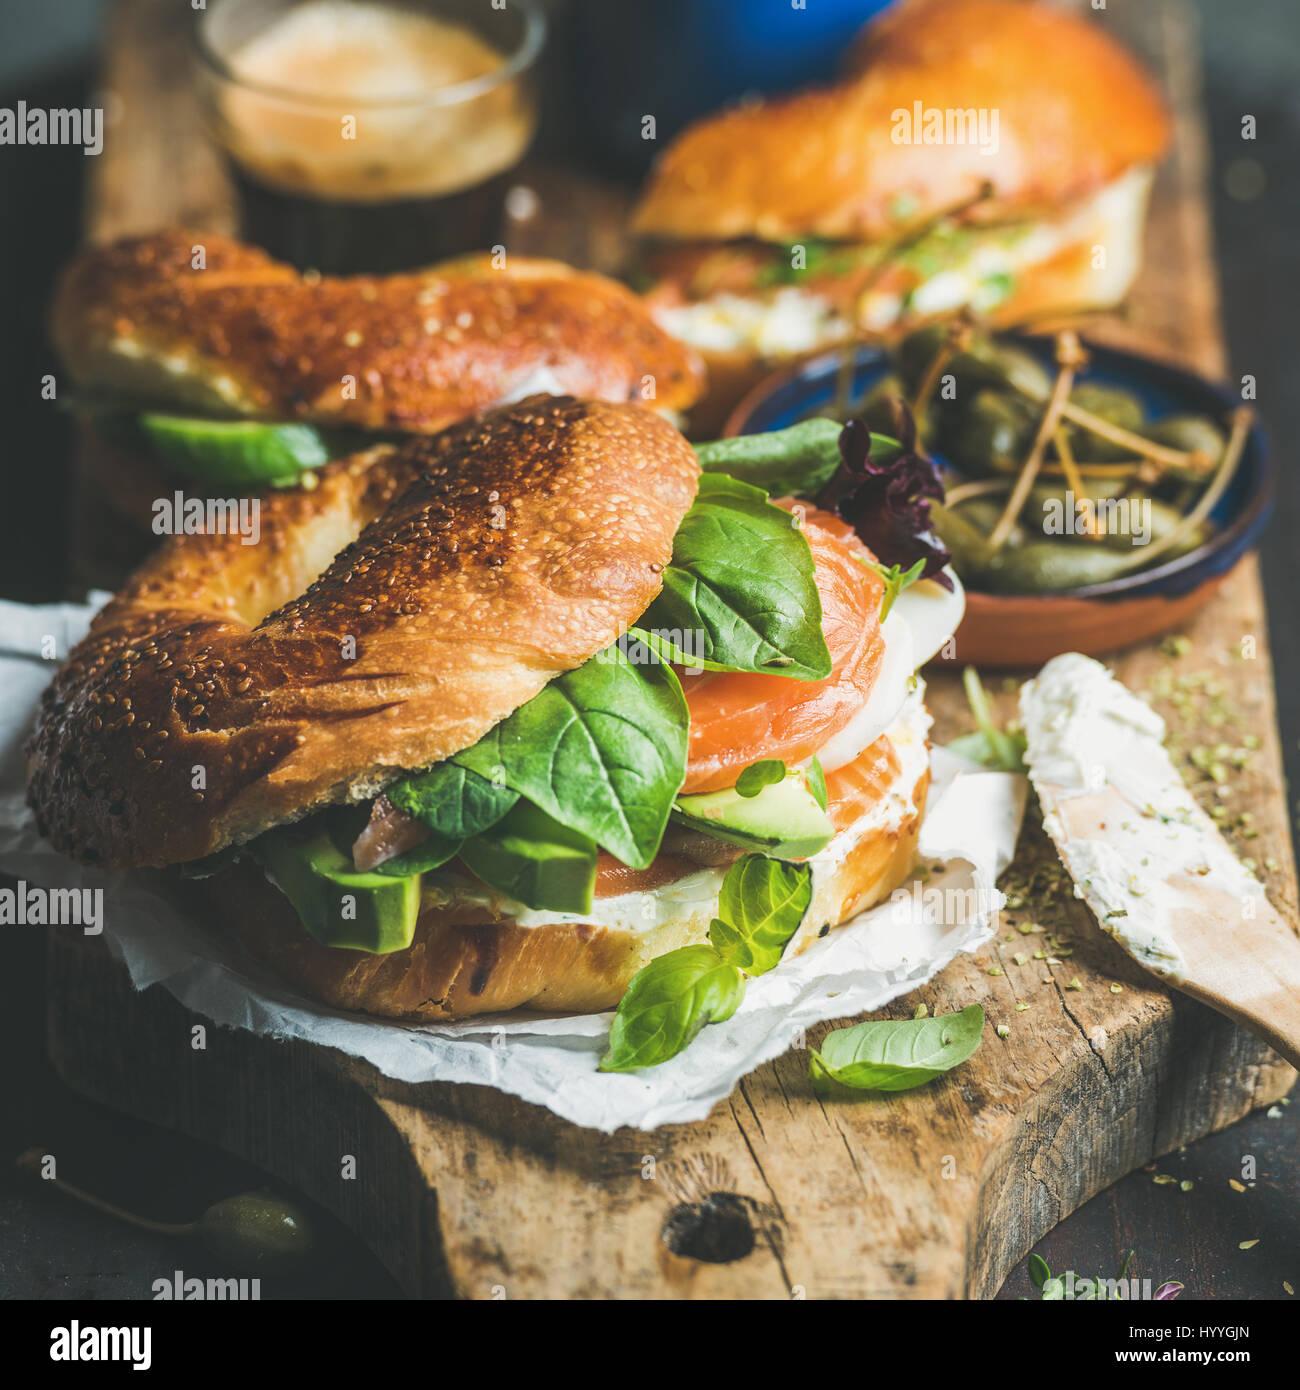 Sana colazione con panini e caffè espresso Immagini Stock